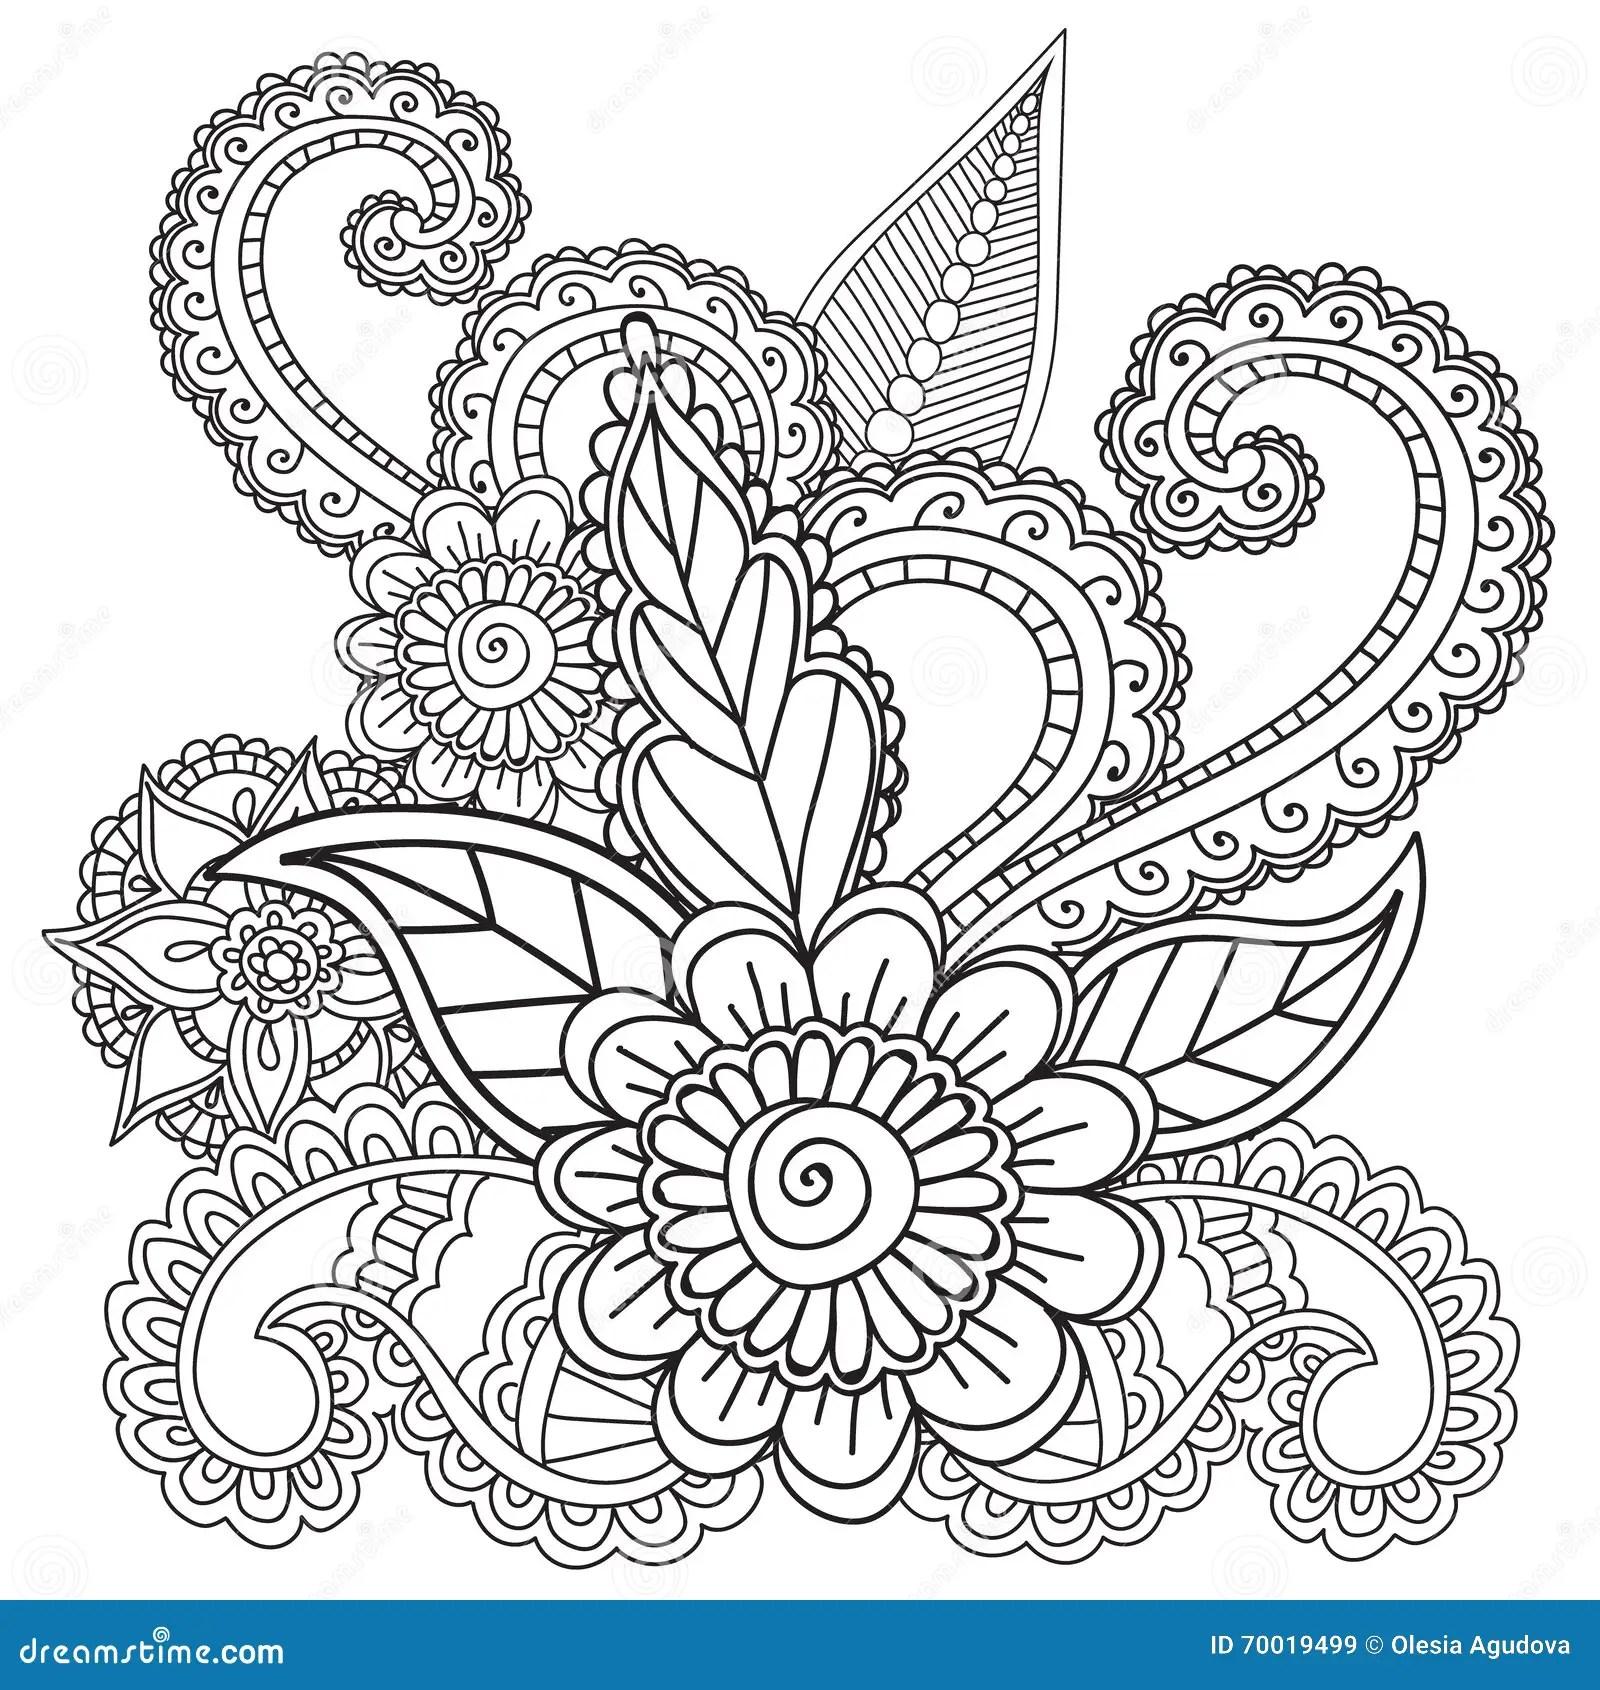 Kleurende Pagina S Voor Volwassenen Henna Mehndi Doodles